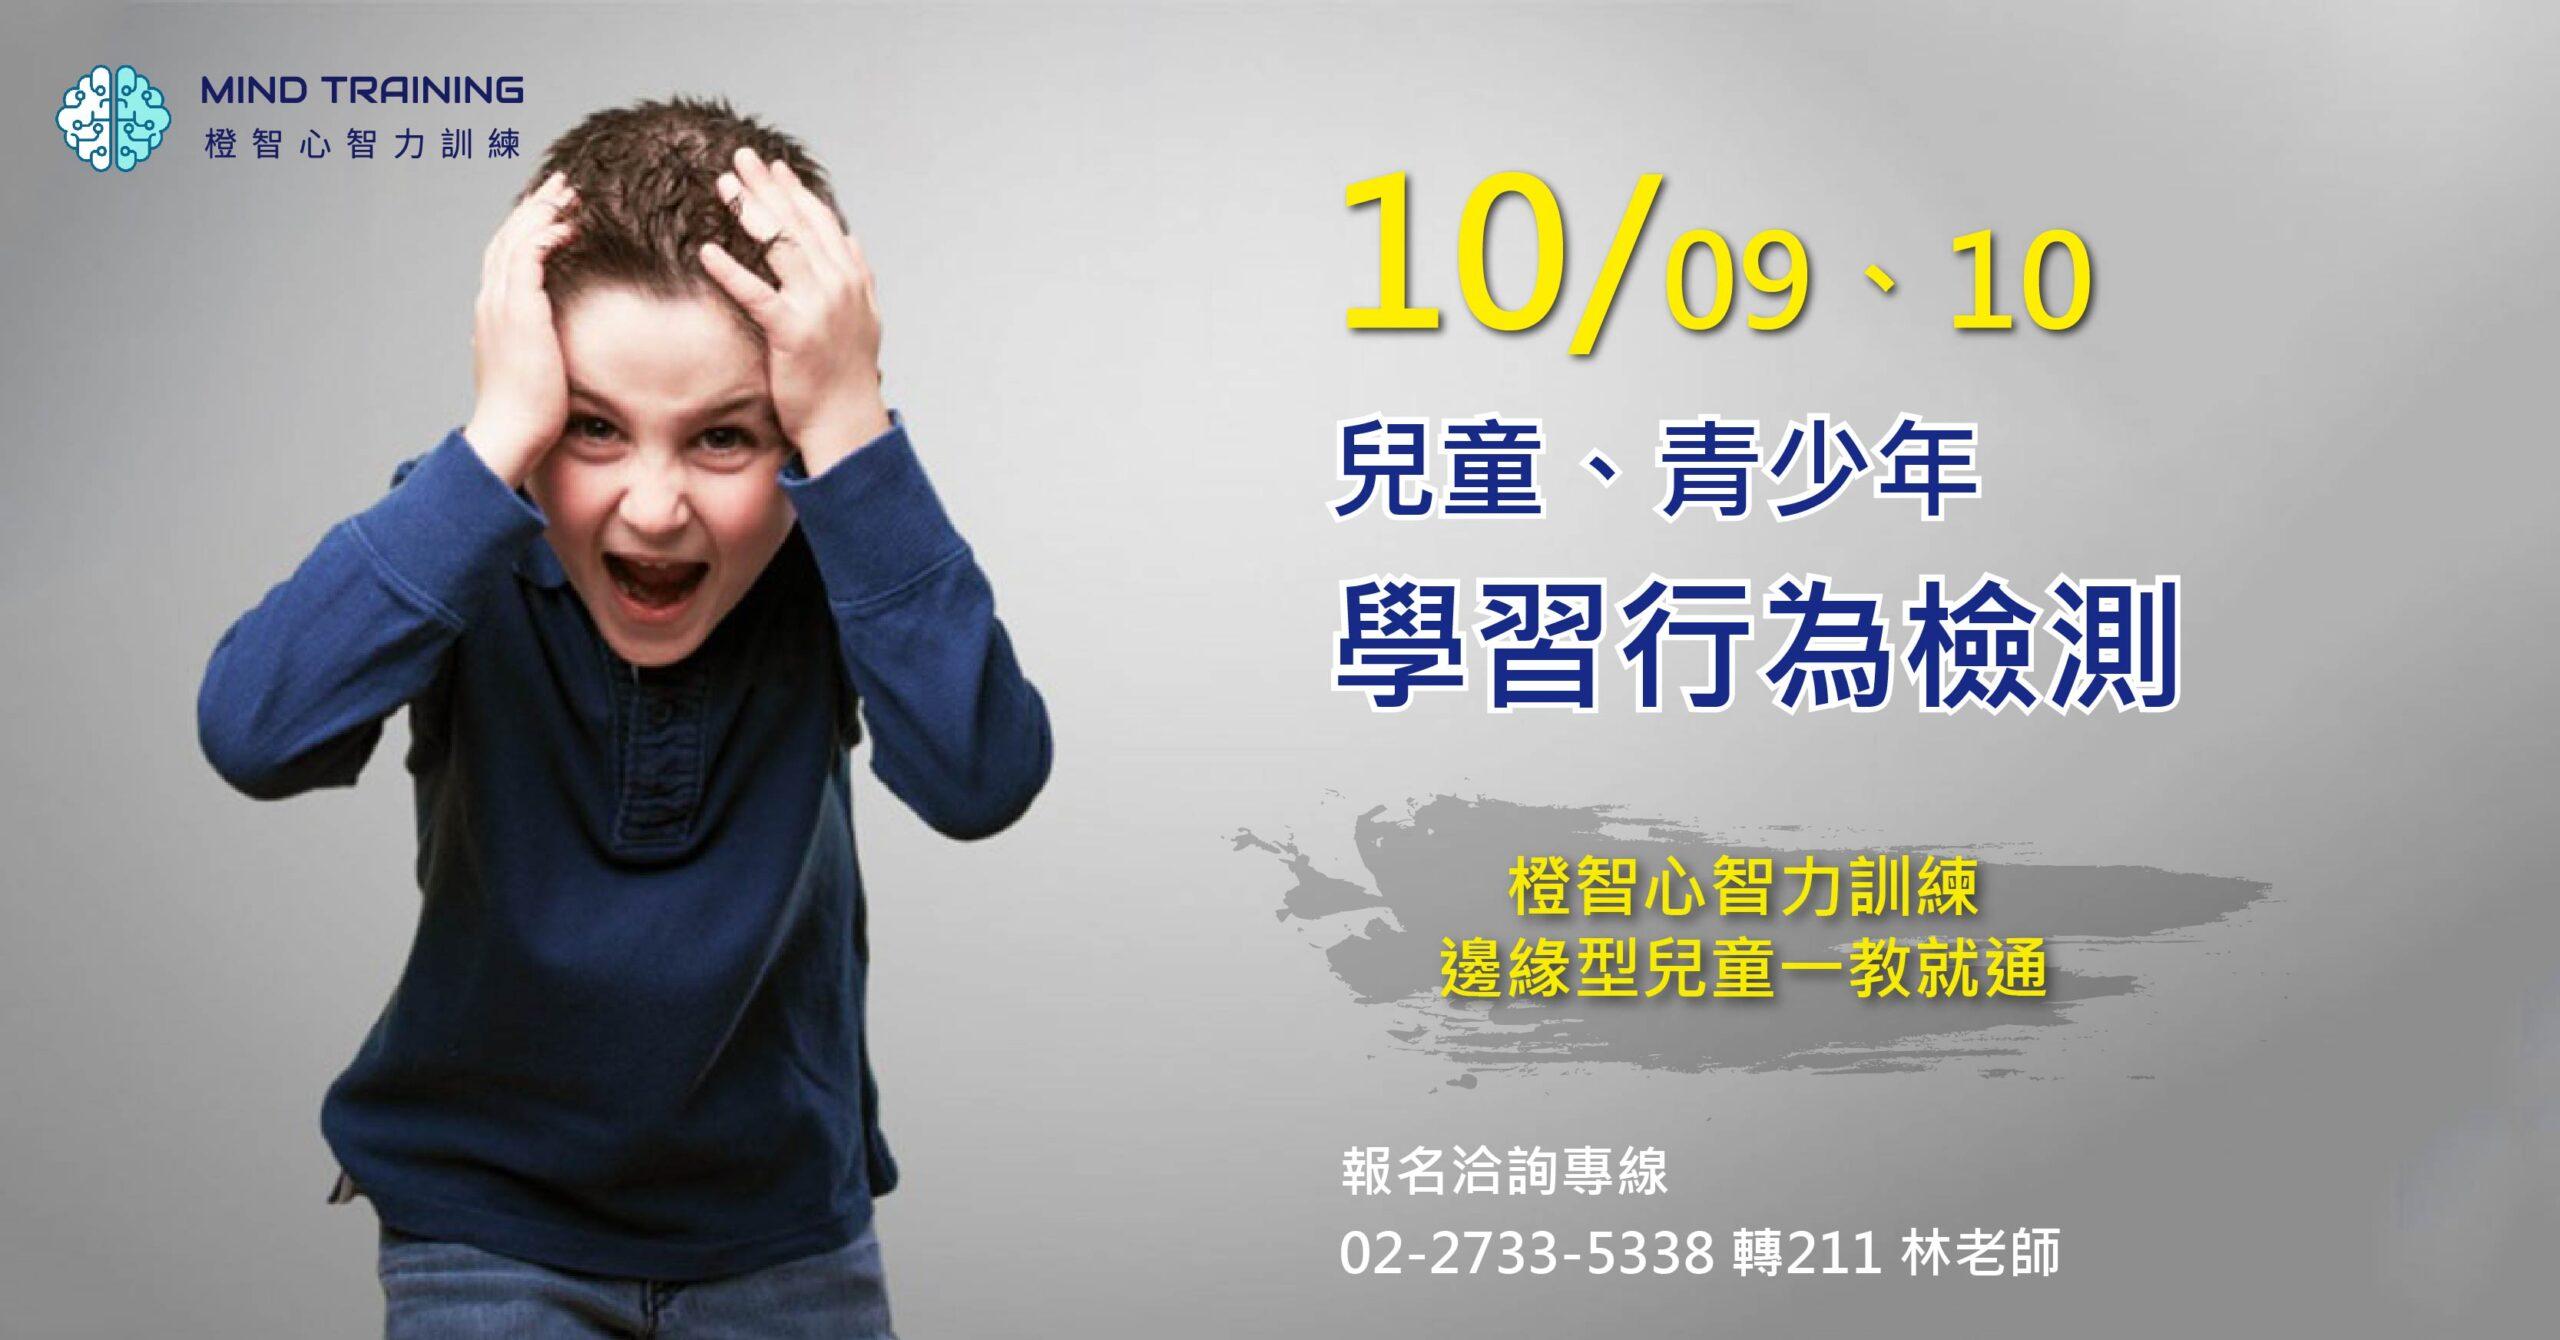 【台北場】10/09、10兒童/青少年學習行為檢測